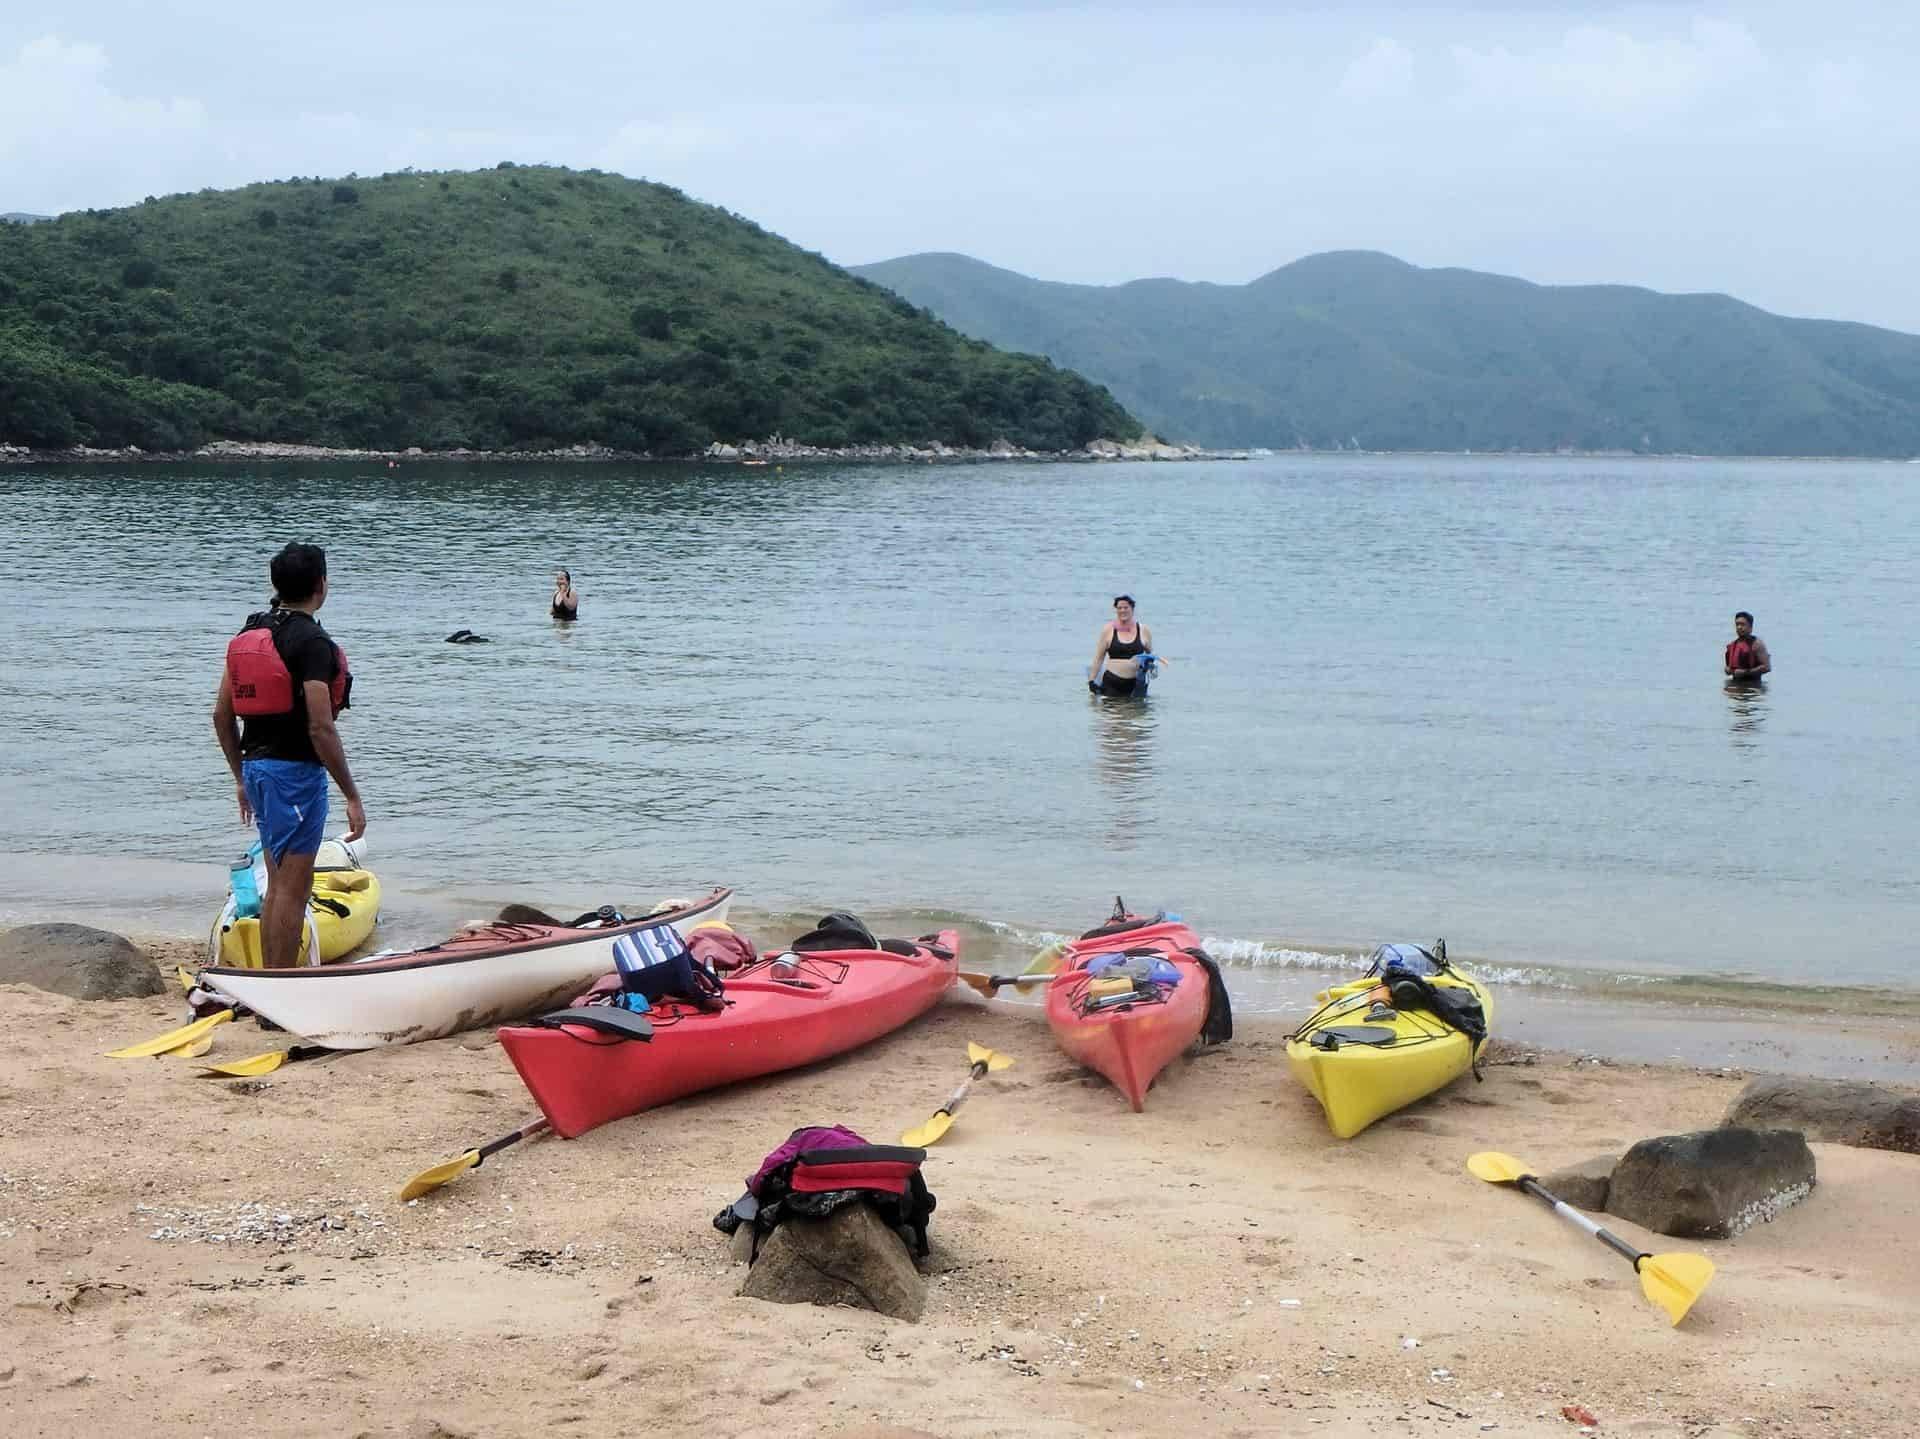 Tolo Channel - UNESCO Geopark sea kayak trip